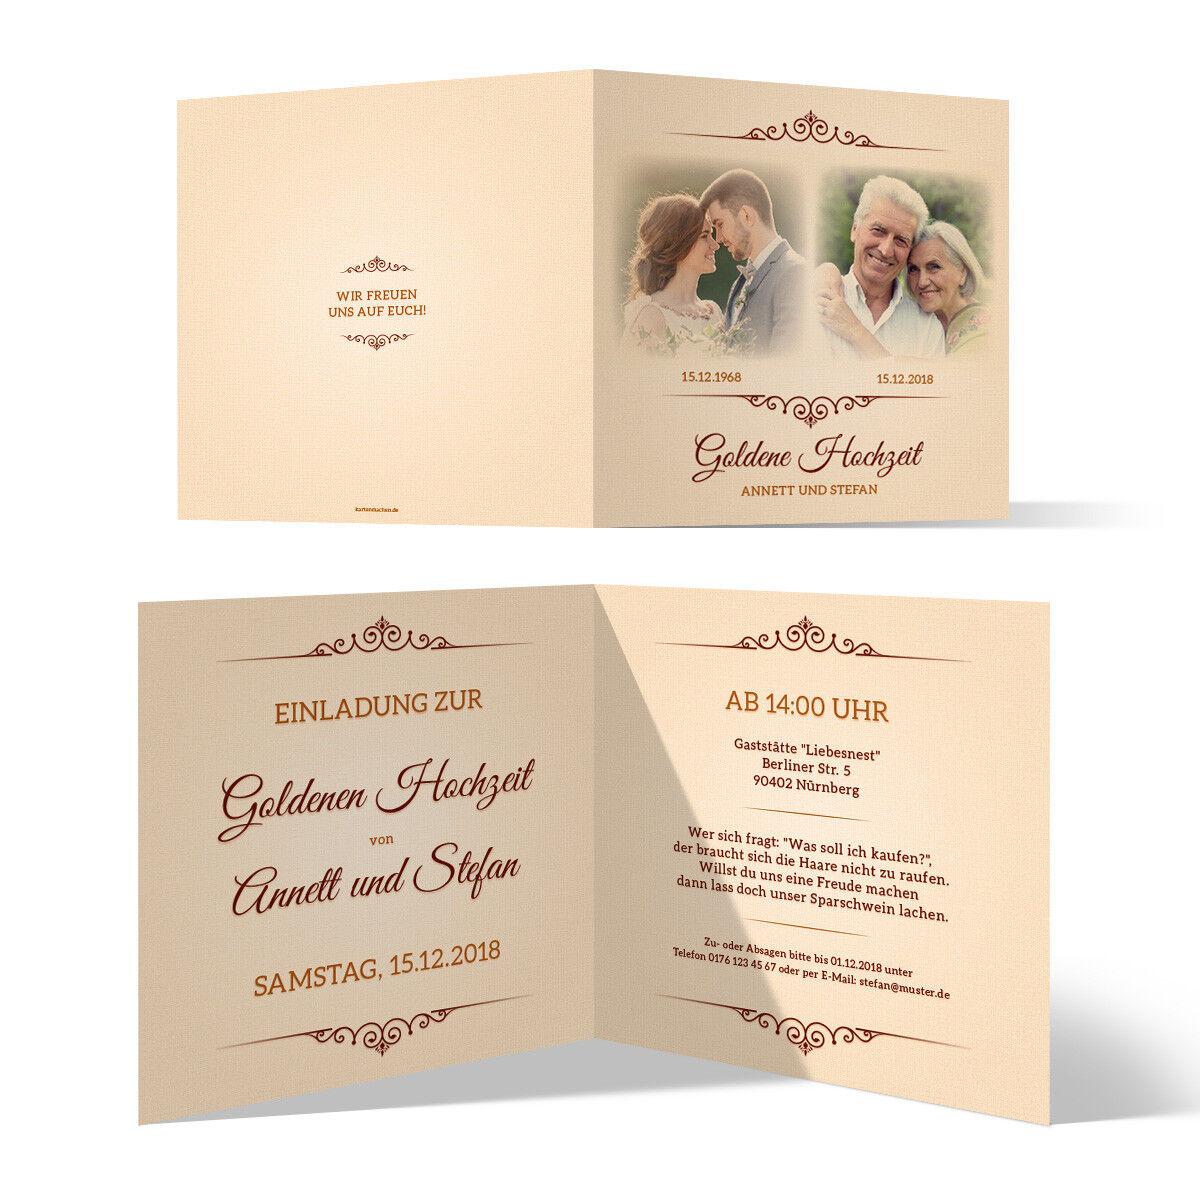 Goldene Hochzeit Einladungskarten Goldhochzeit 50 Jahre - Zeitsprung | Die Königin Der Qualität  | Online Shop Europe